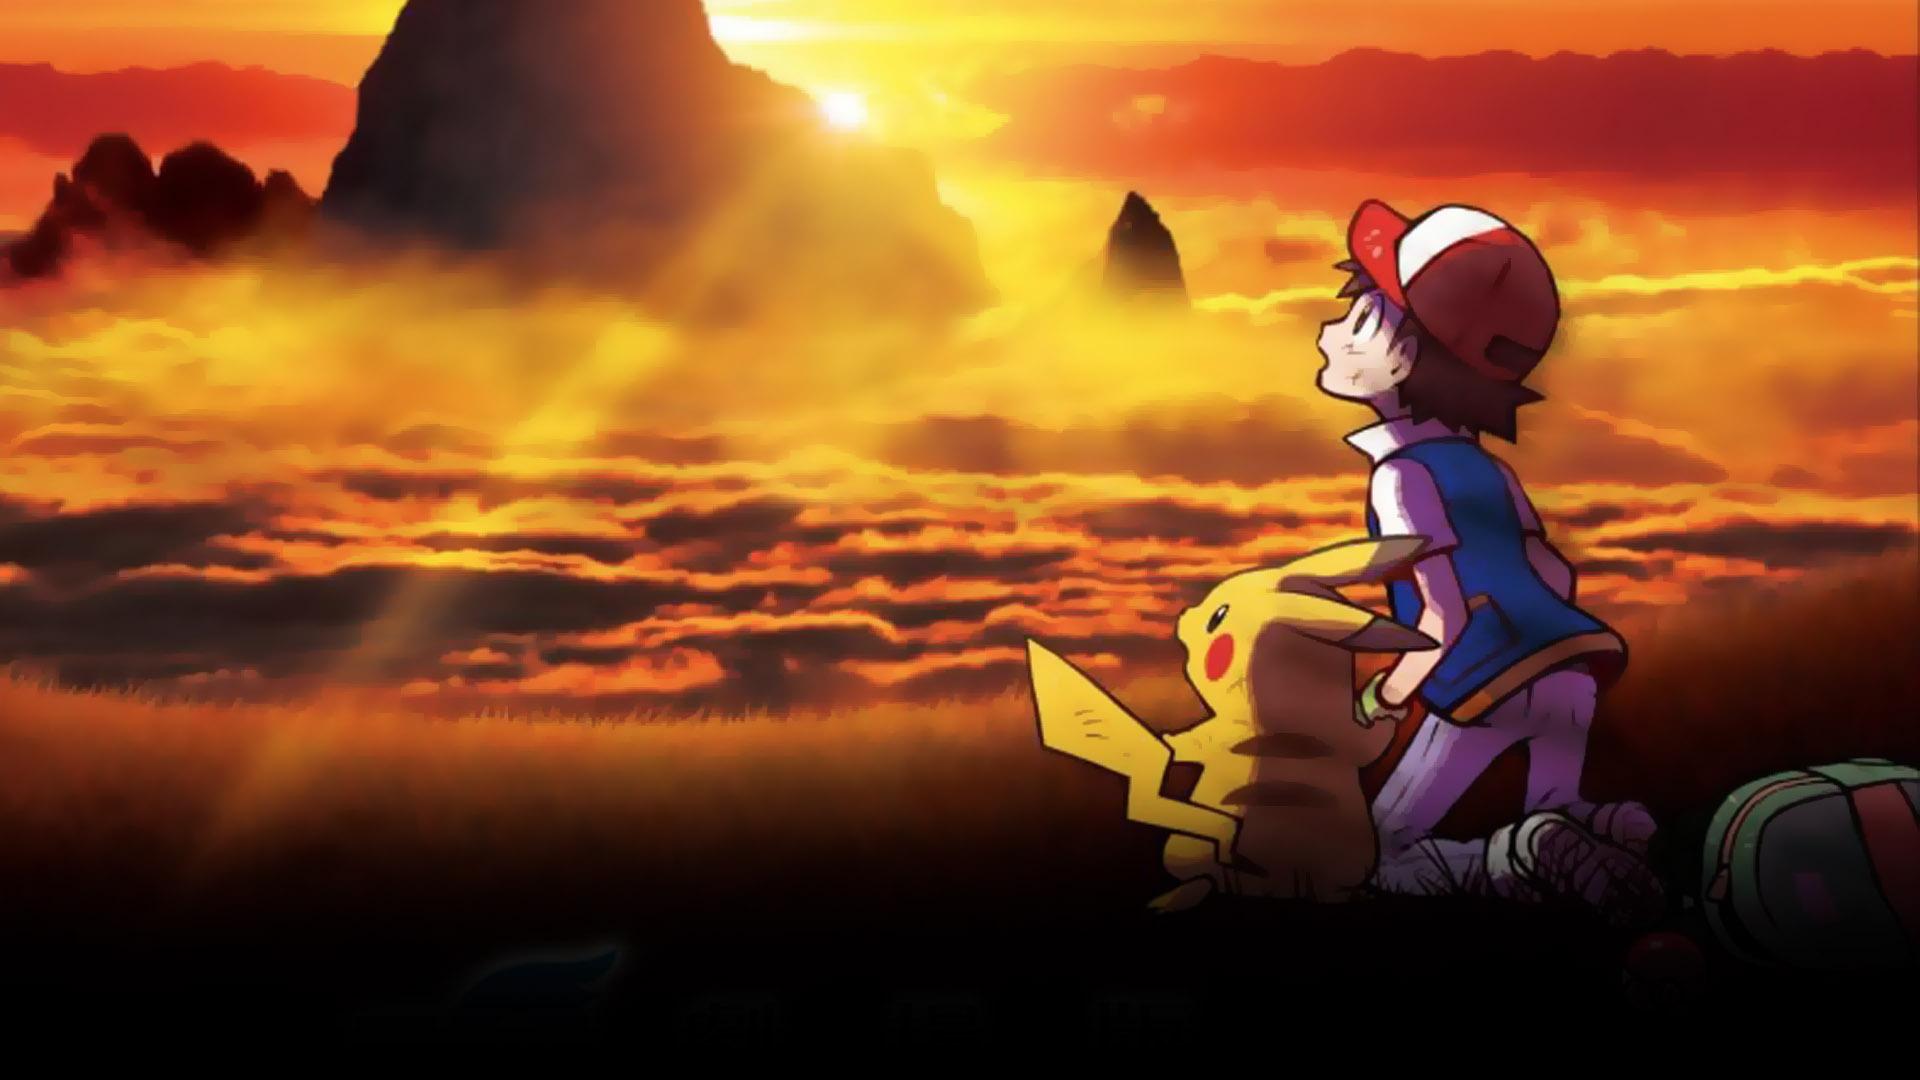 Chequea los nuevos avances de Pokémon The Movie I Choose You!-frikigamers.com